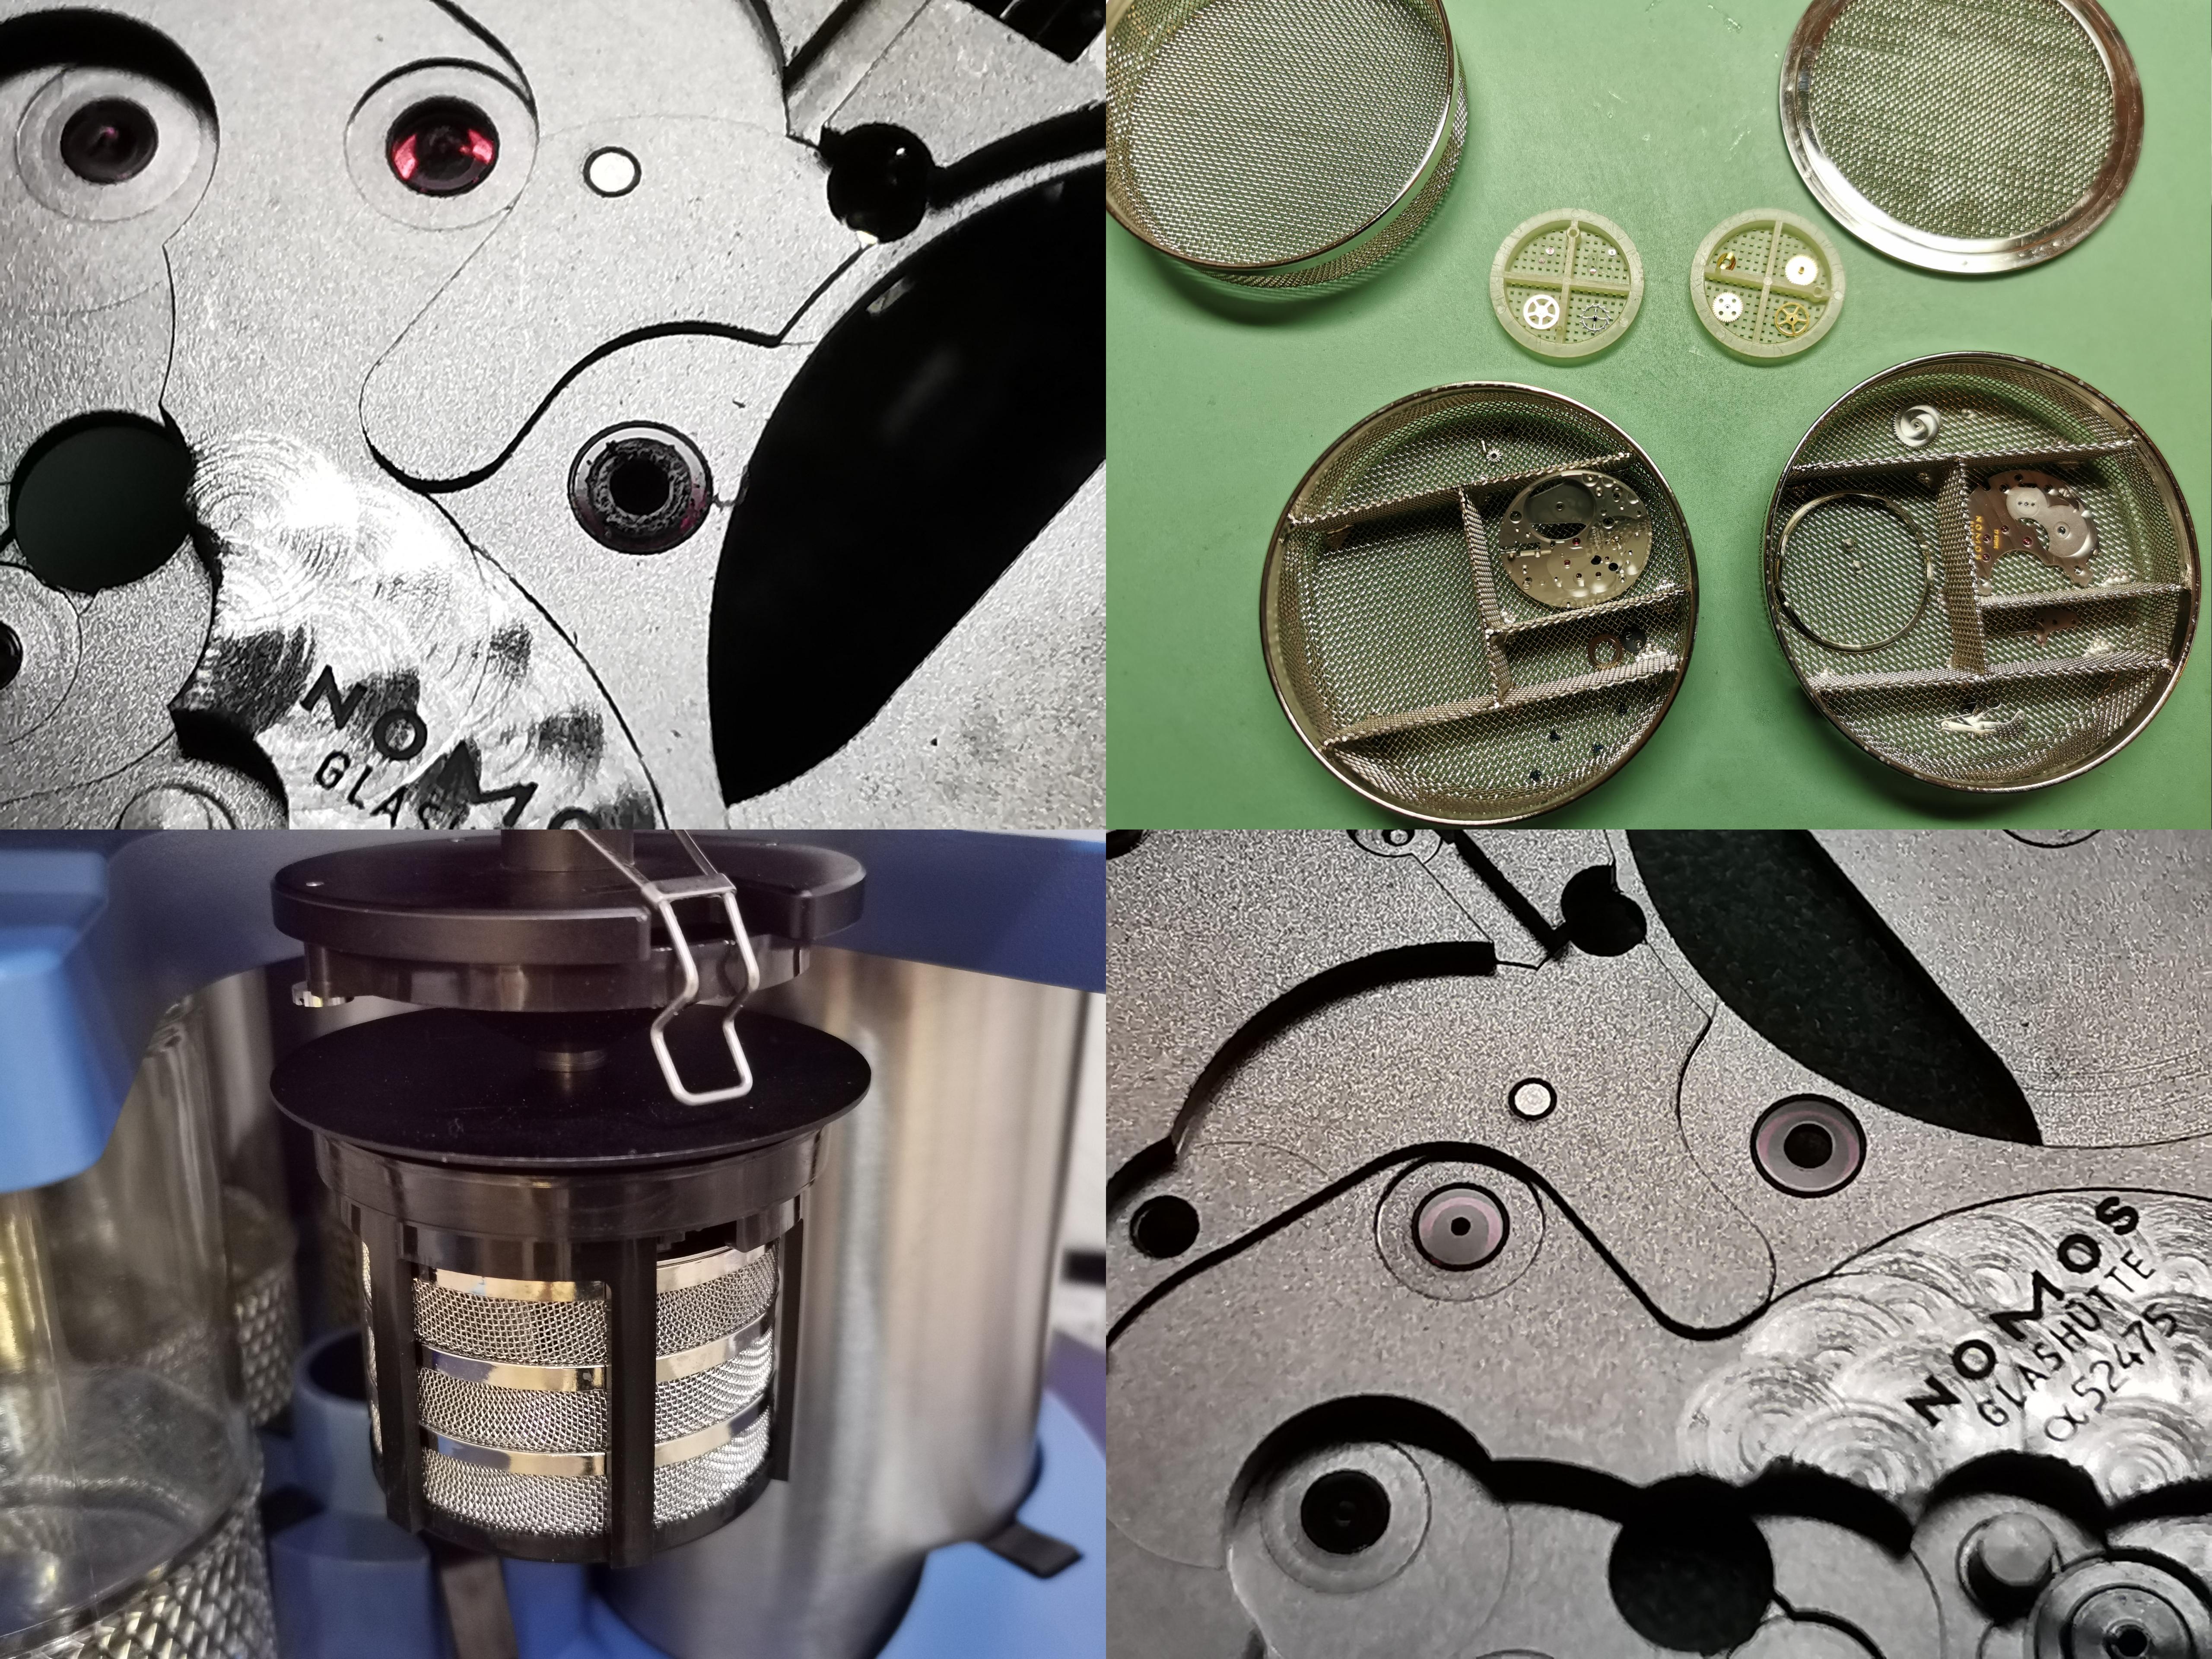 ACS 900 - Automatische Uhrwerkreinigungsmaschine mit integrierter Ultraschallstation. Stellt sicher, dass absolut keine alten Verunreinigungen nach der Reinigung zurückbleiben. Alte Rückstände können sonst erhöhten Verschleiß und Folgeschäden verursachen.